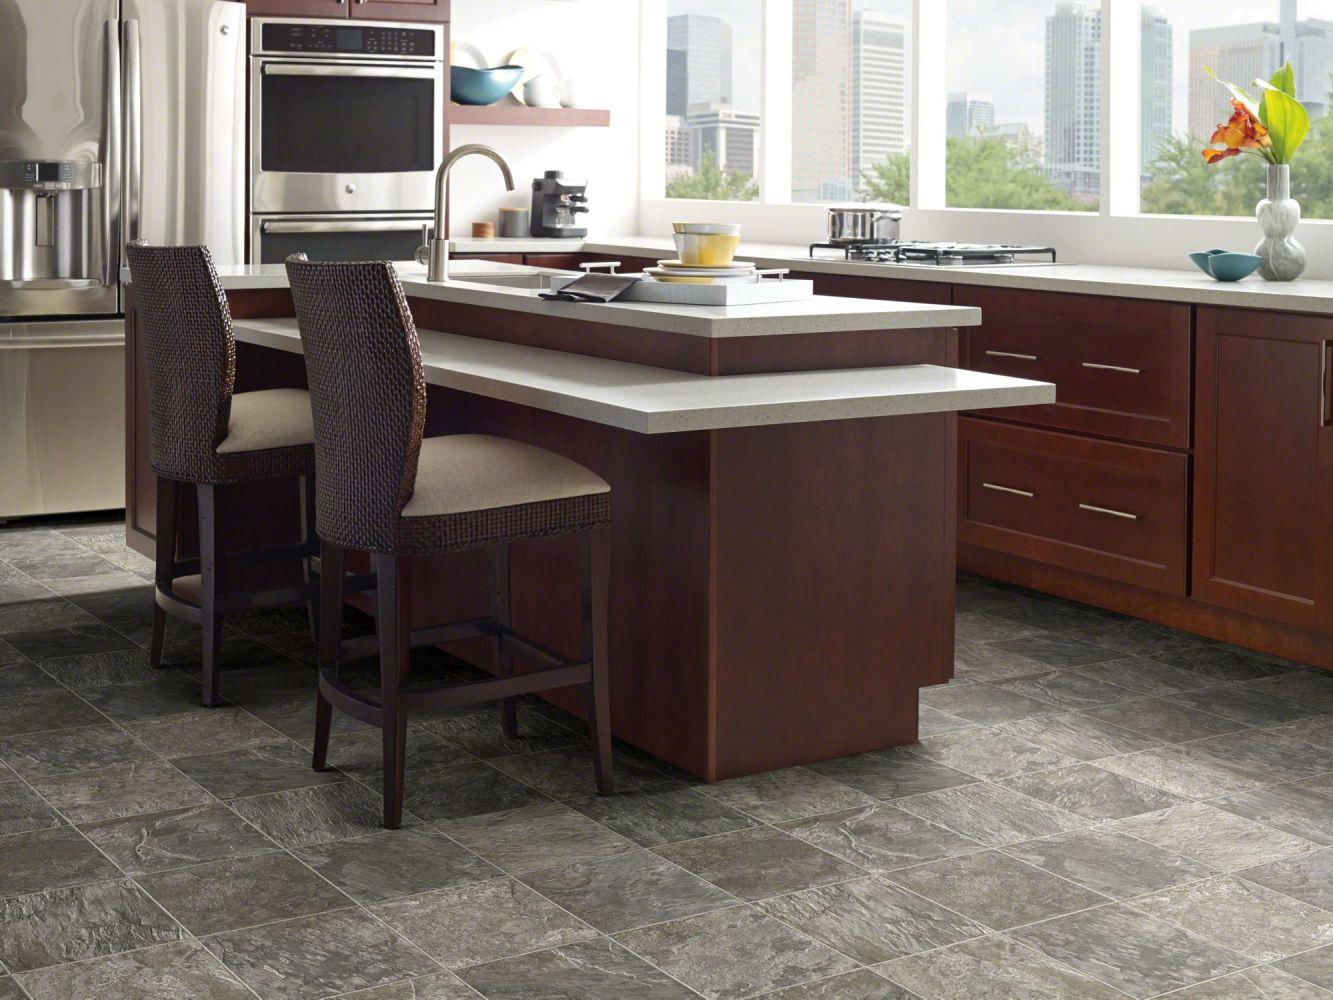 Shaw Floors Resilient Residential Sonoma Forestville 00410_0652V